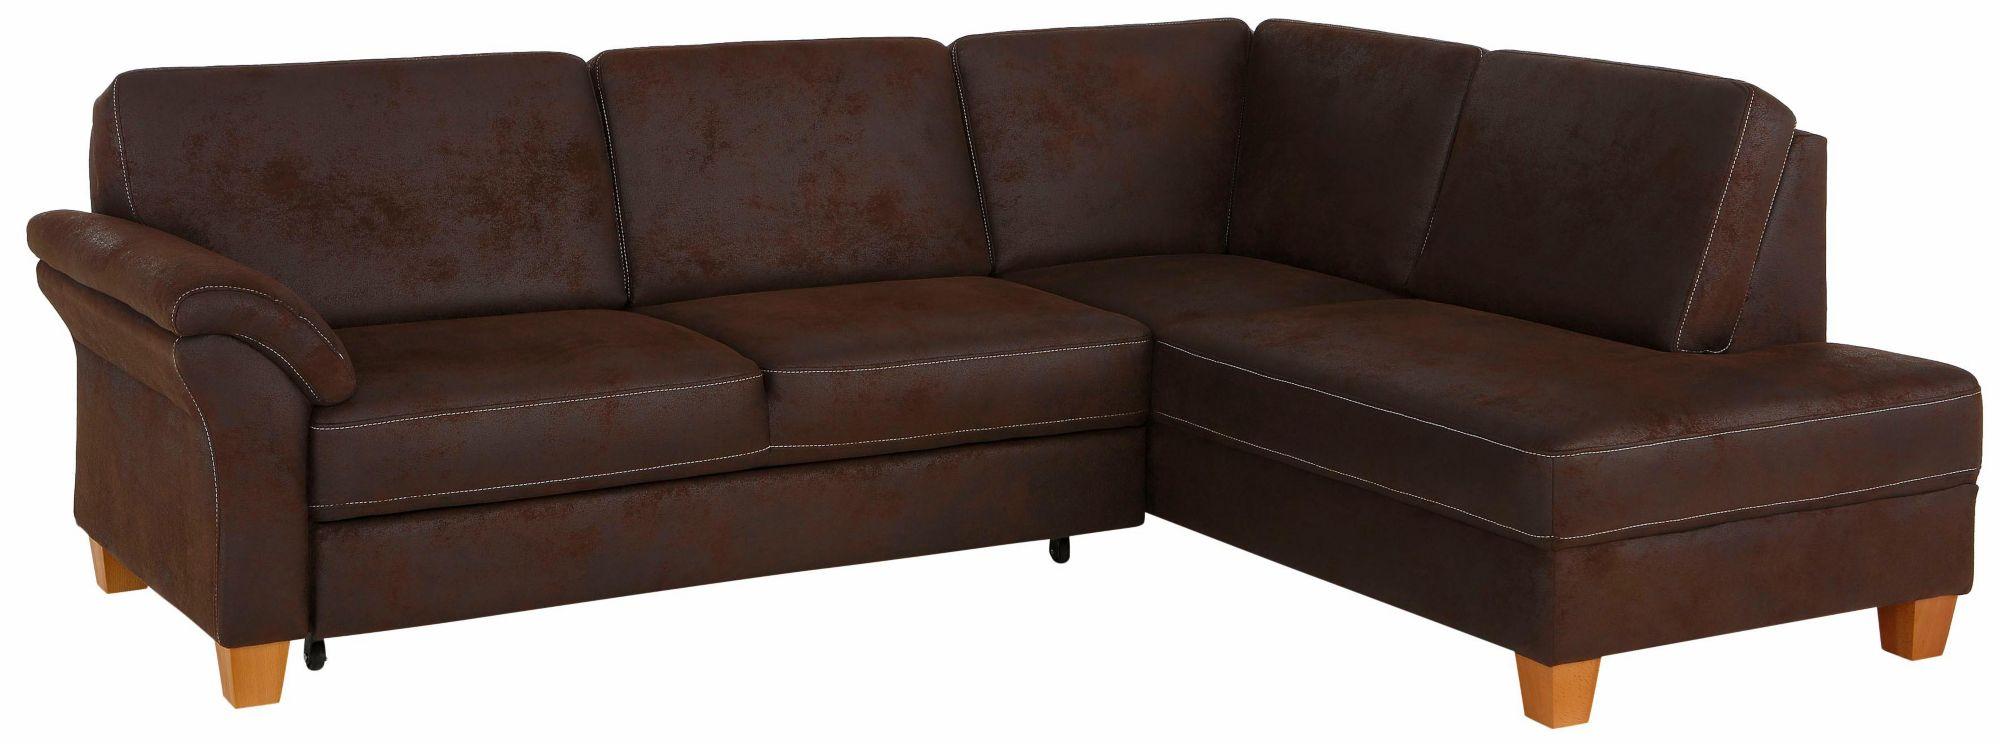 polsterecke home g nstig online kaufen beim schwab versand. Black Bedroom Furniture Sets. Home Design Ideas